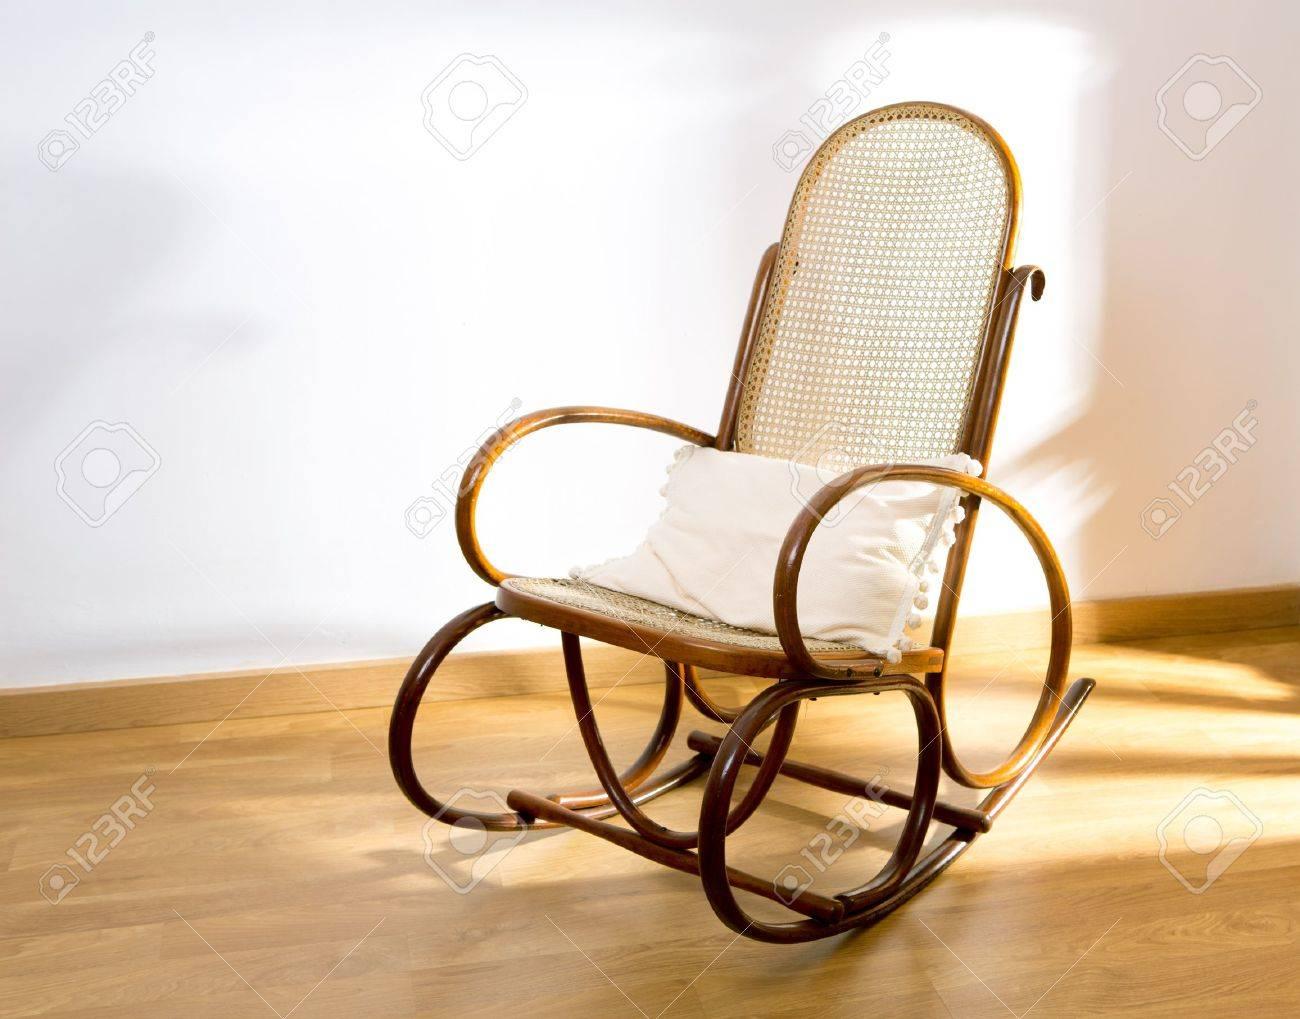 Sedie A Dondolo Depoca : D oro retrò sedia altalena a bilico in legno sul pavimento di